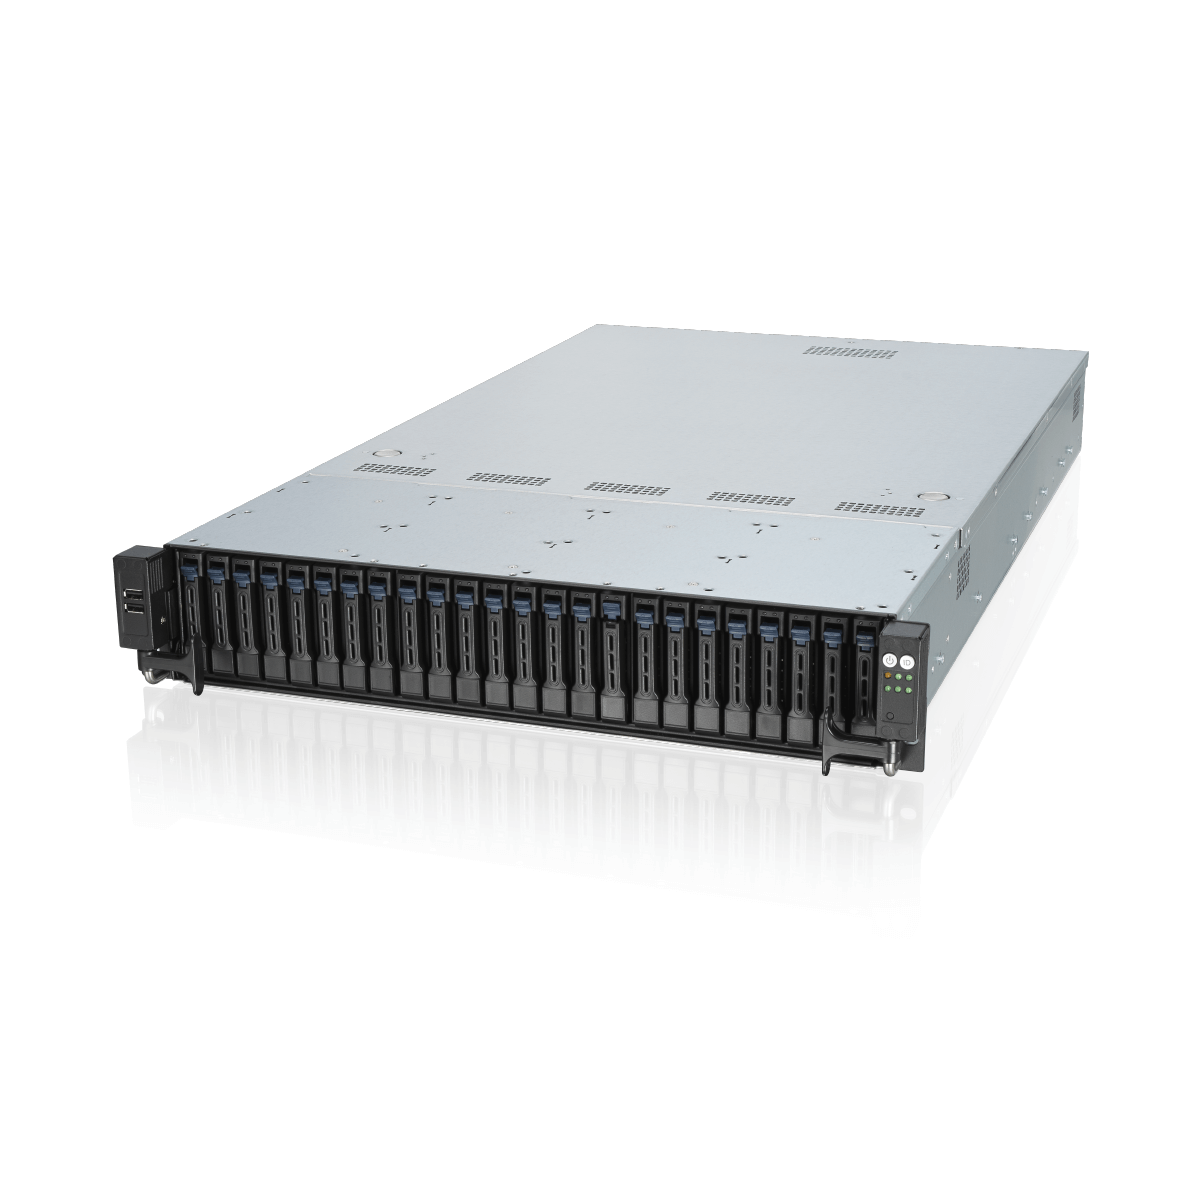 ASUS Server - RS720